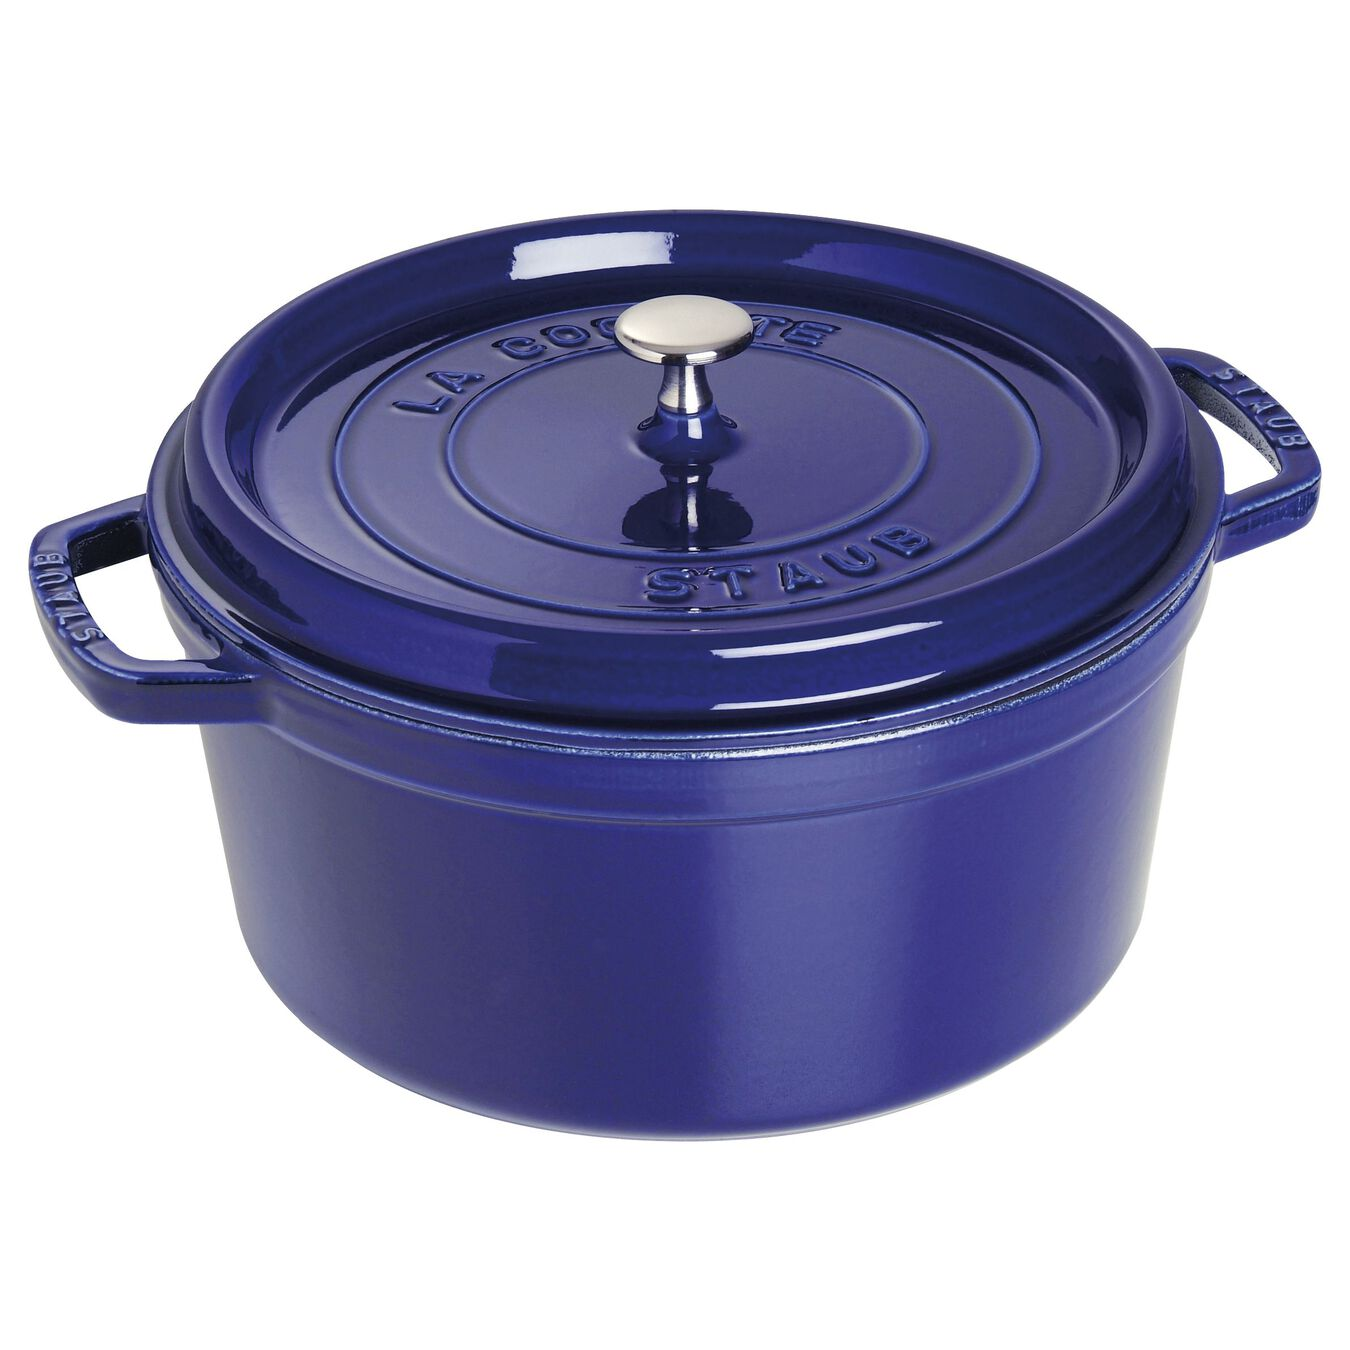 Caçarola 28 cm, redondo, azul marinho, Ferro fundido,,large 1